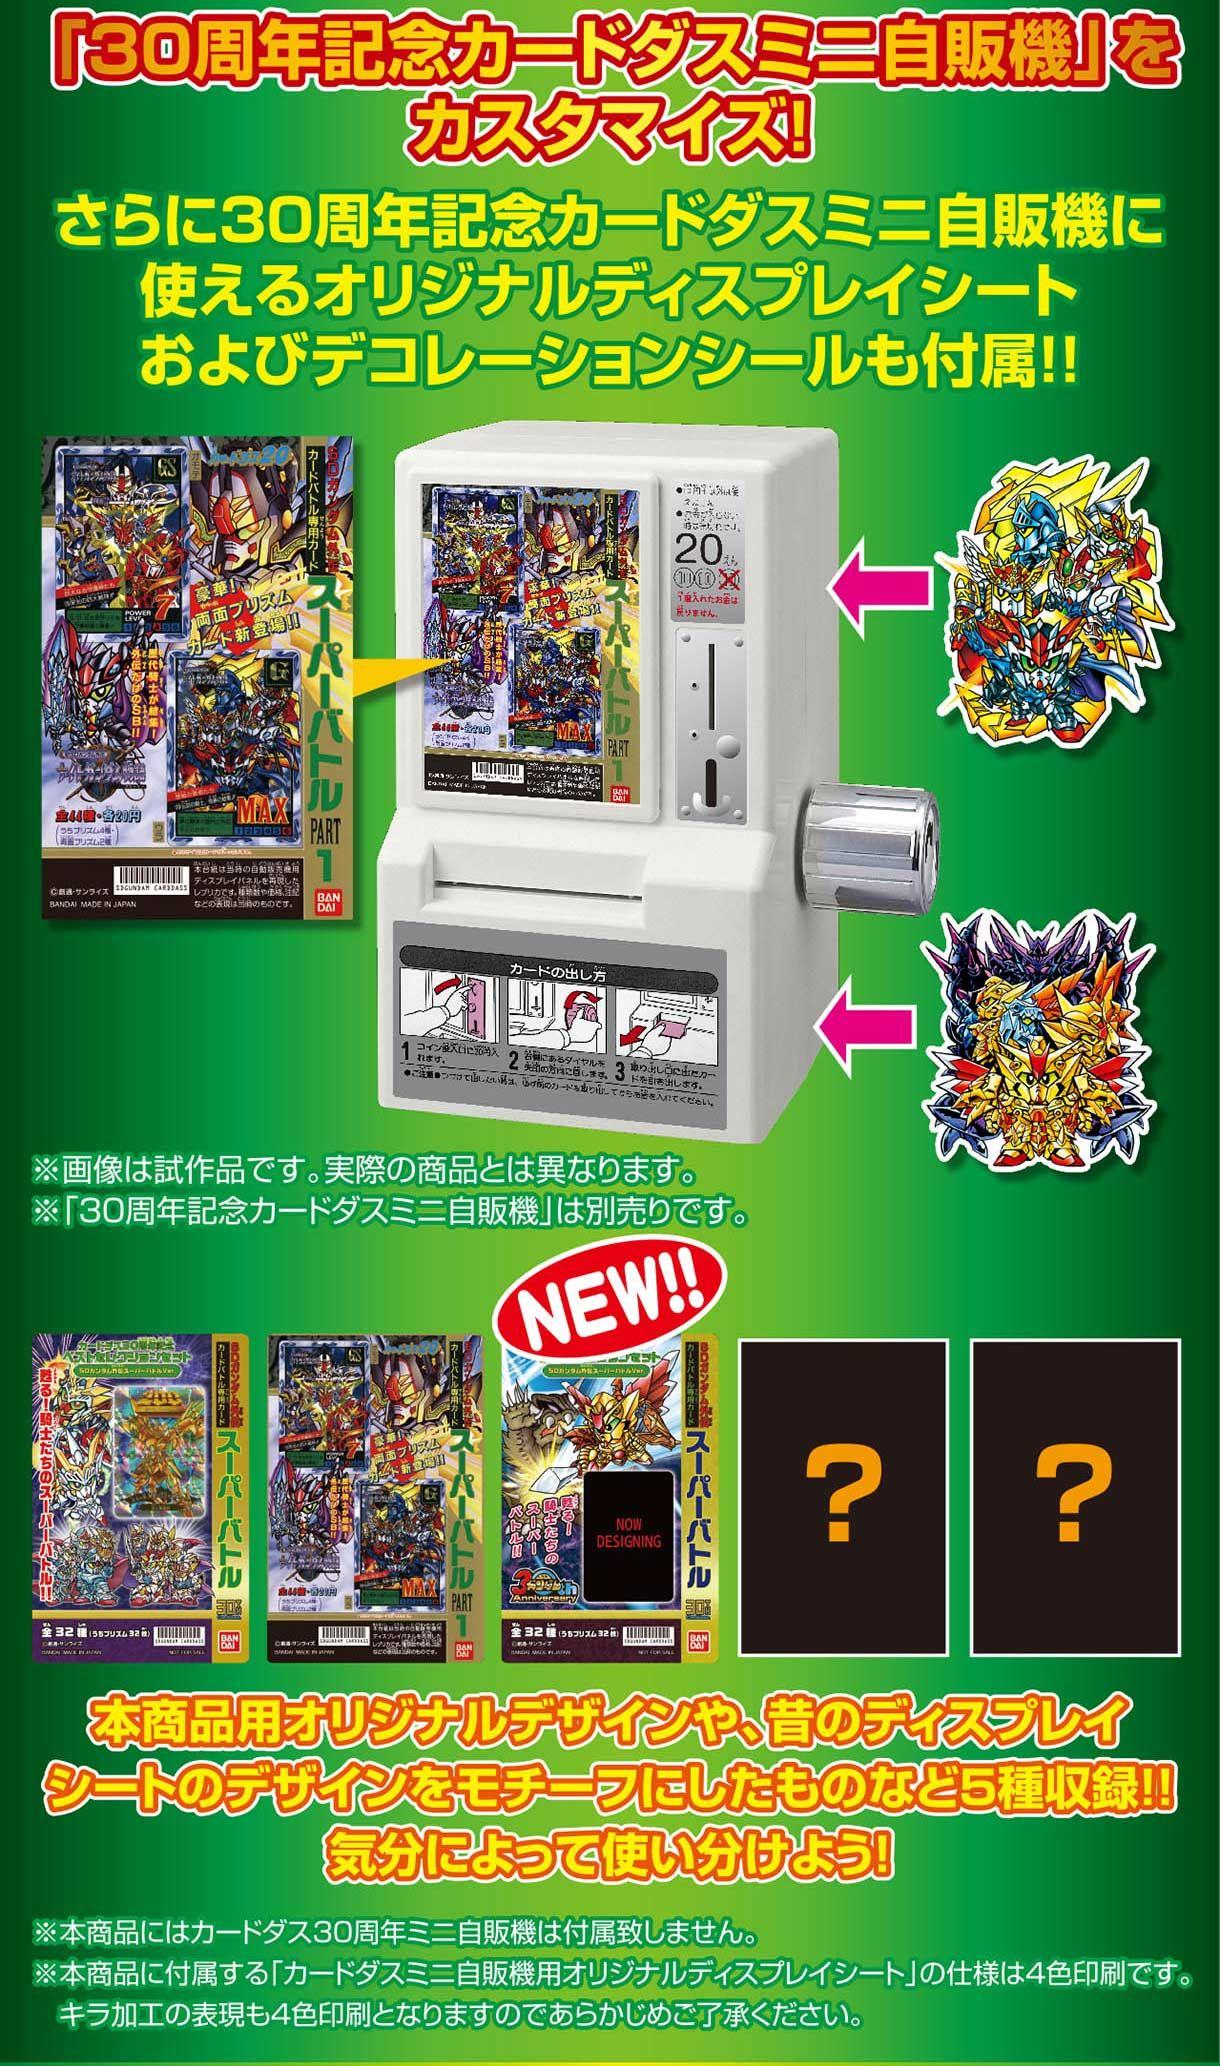 「30周年記念カードダスミニ自販機」をカスタマイズ!